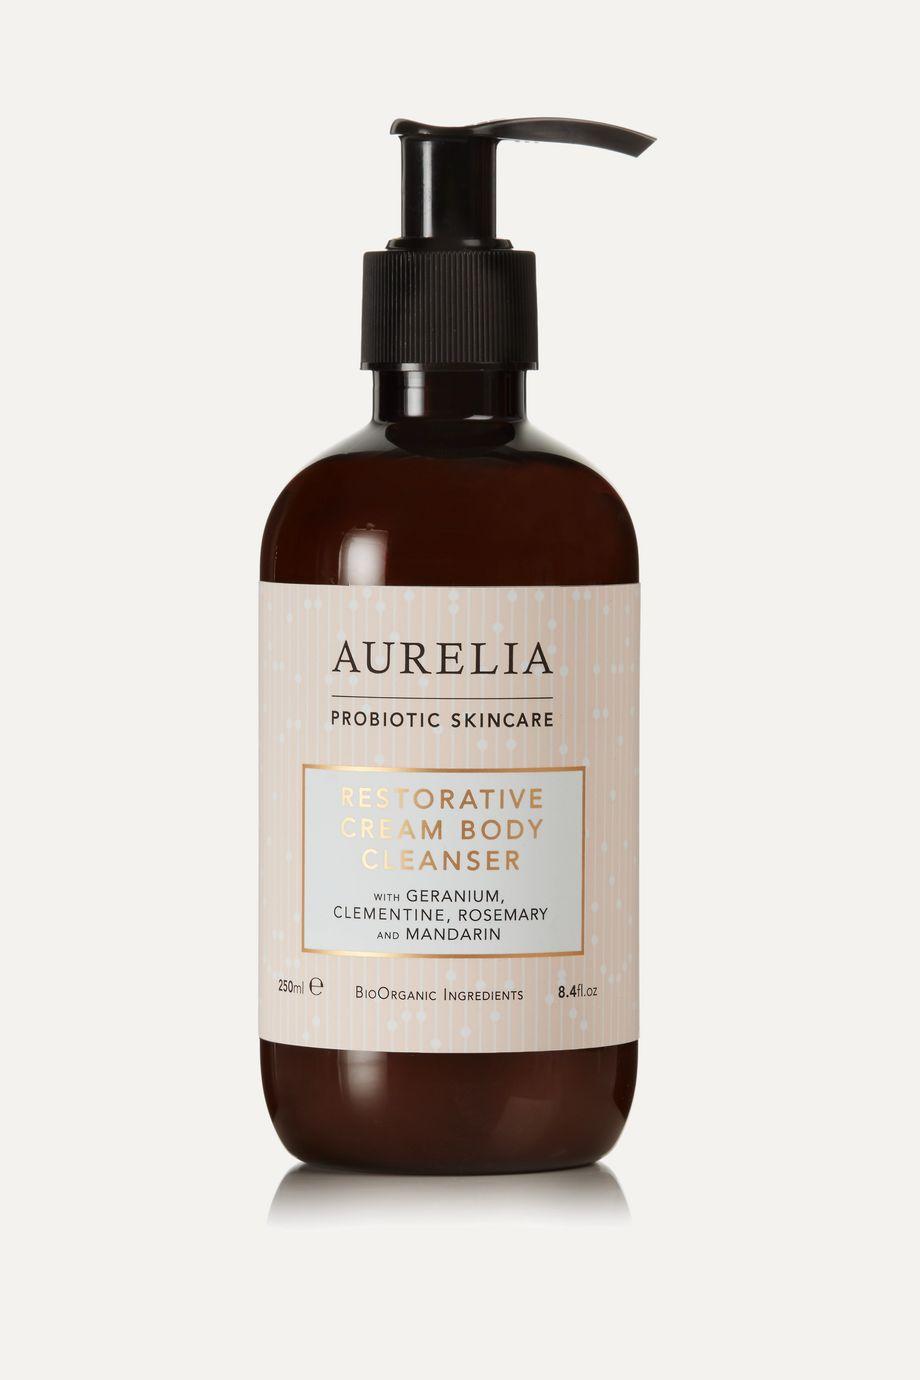 Aurelia Probiotic Skincare Restorative Cream Body Cleanser, 250ml